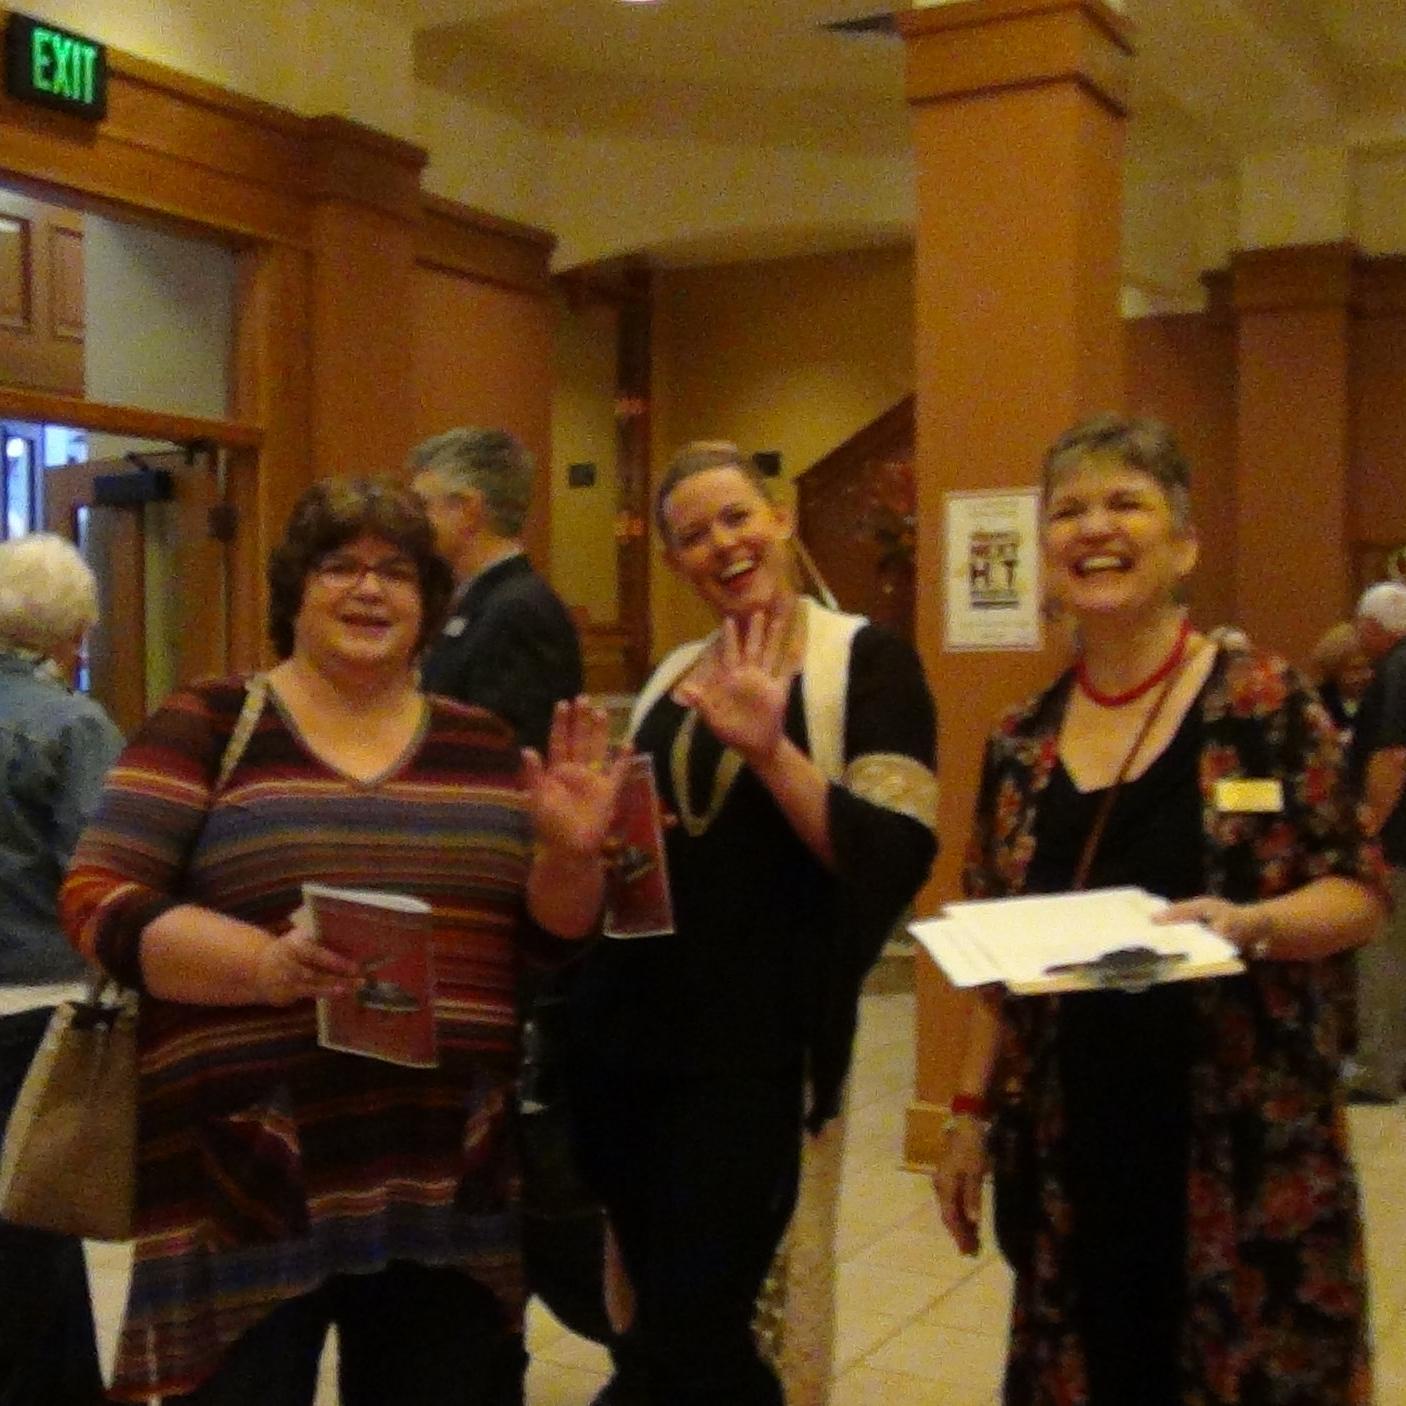 Audience members coming in!